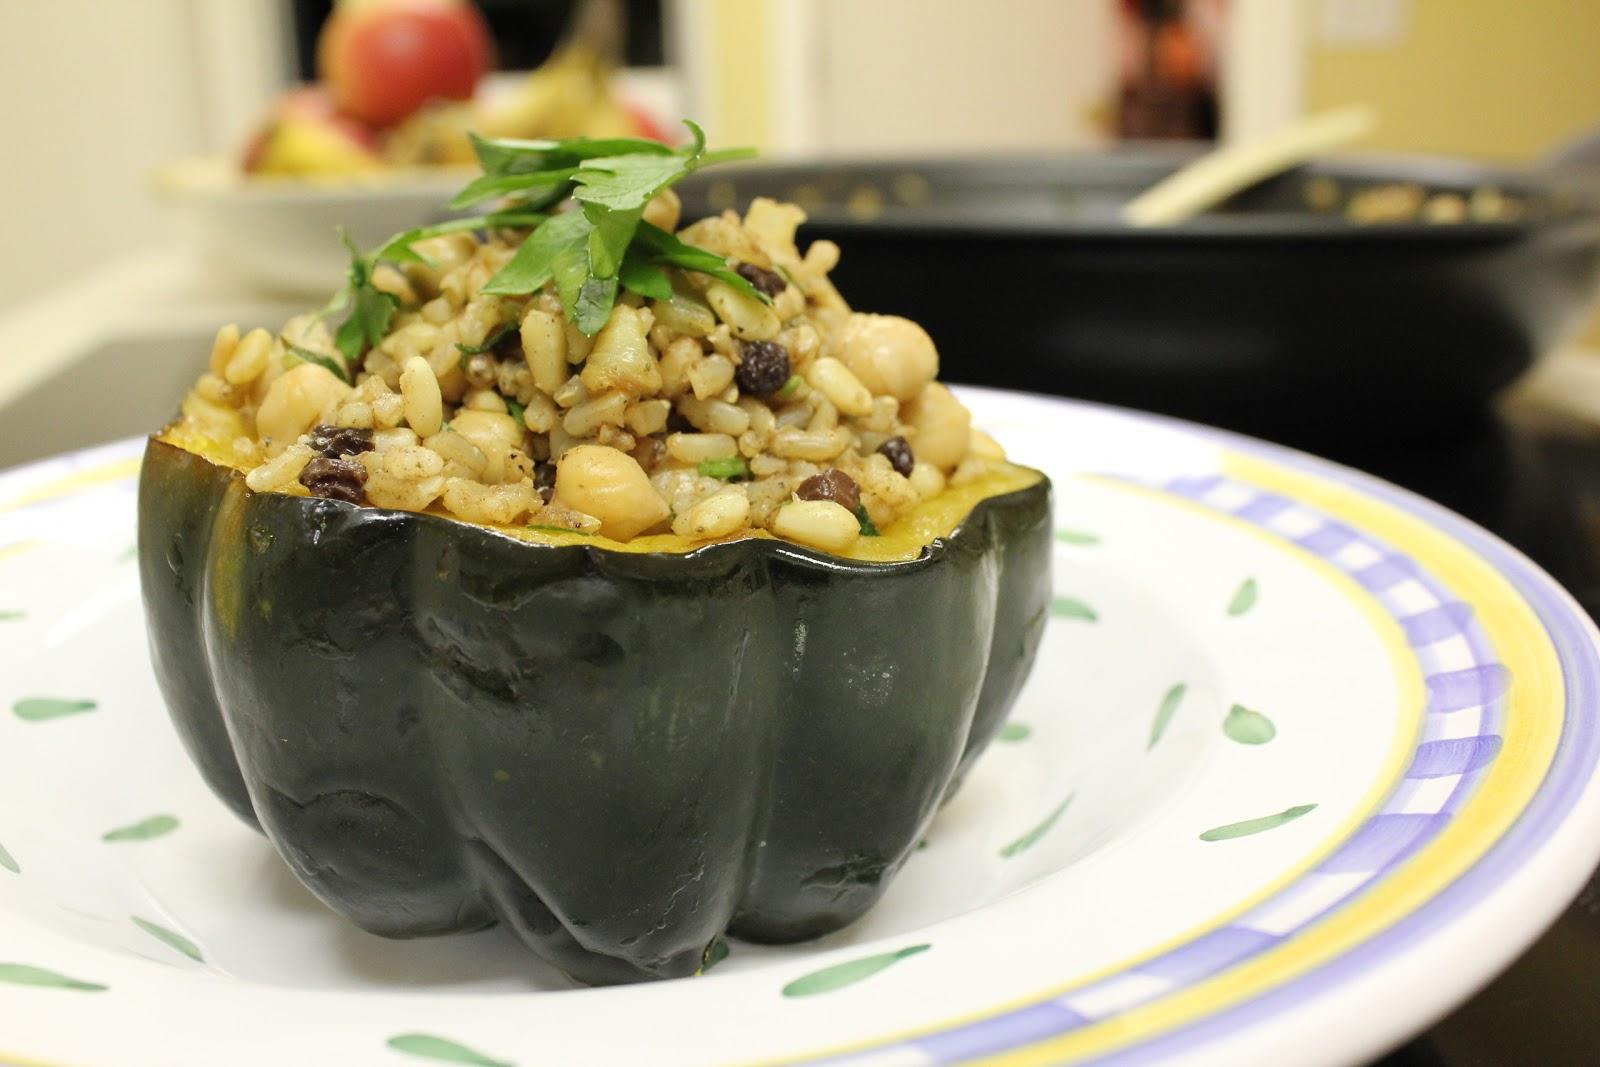 http://4.bp.blogspot.com/_AvShdNfd3t4/TNkiNitAw0I/AAAAAAAAAq0/BMtZv_Vs8z4/s1600/stuffed+squash+and+pumpkin+pie+015.JPG